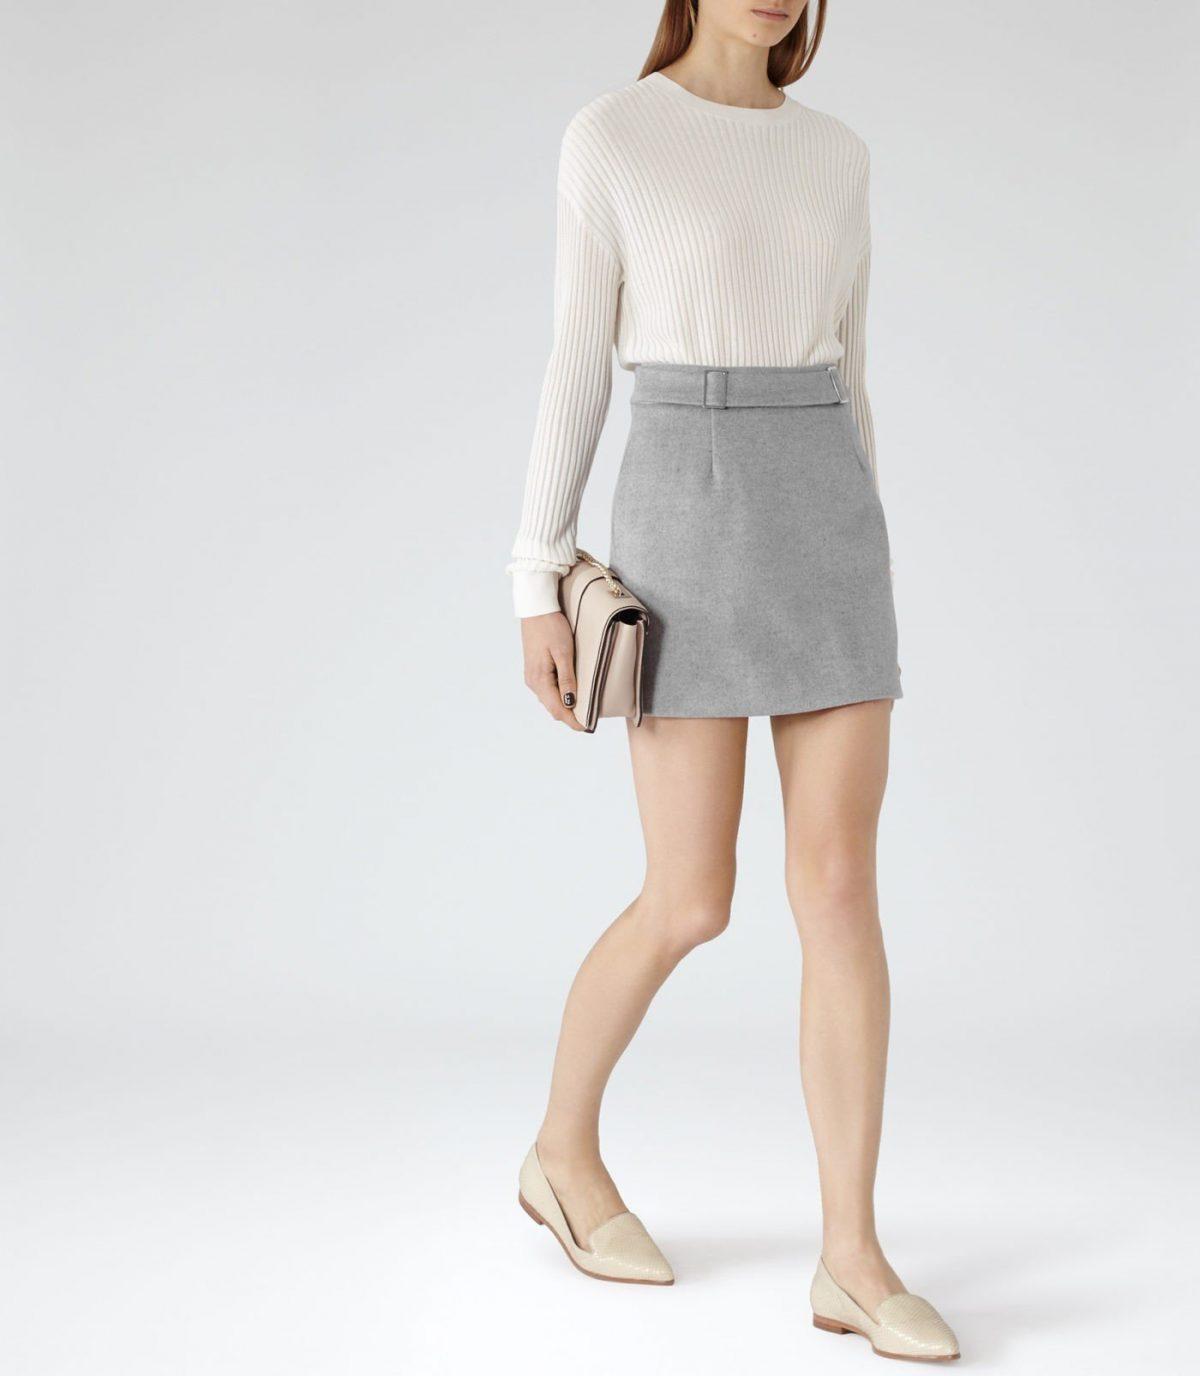 серая мини юбка и белый реглан с чем носить